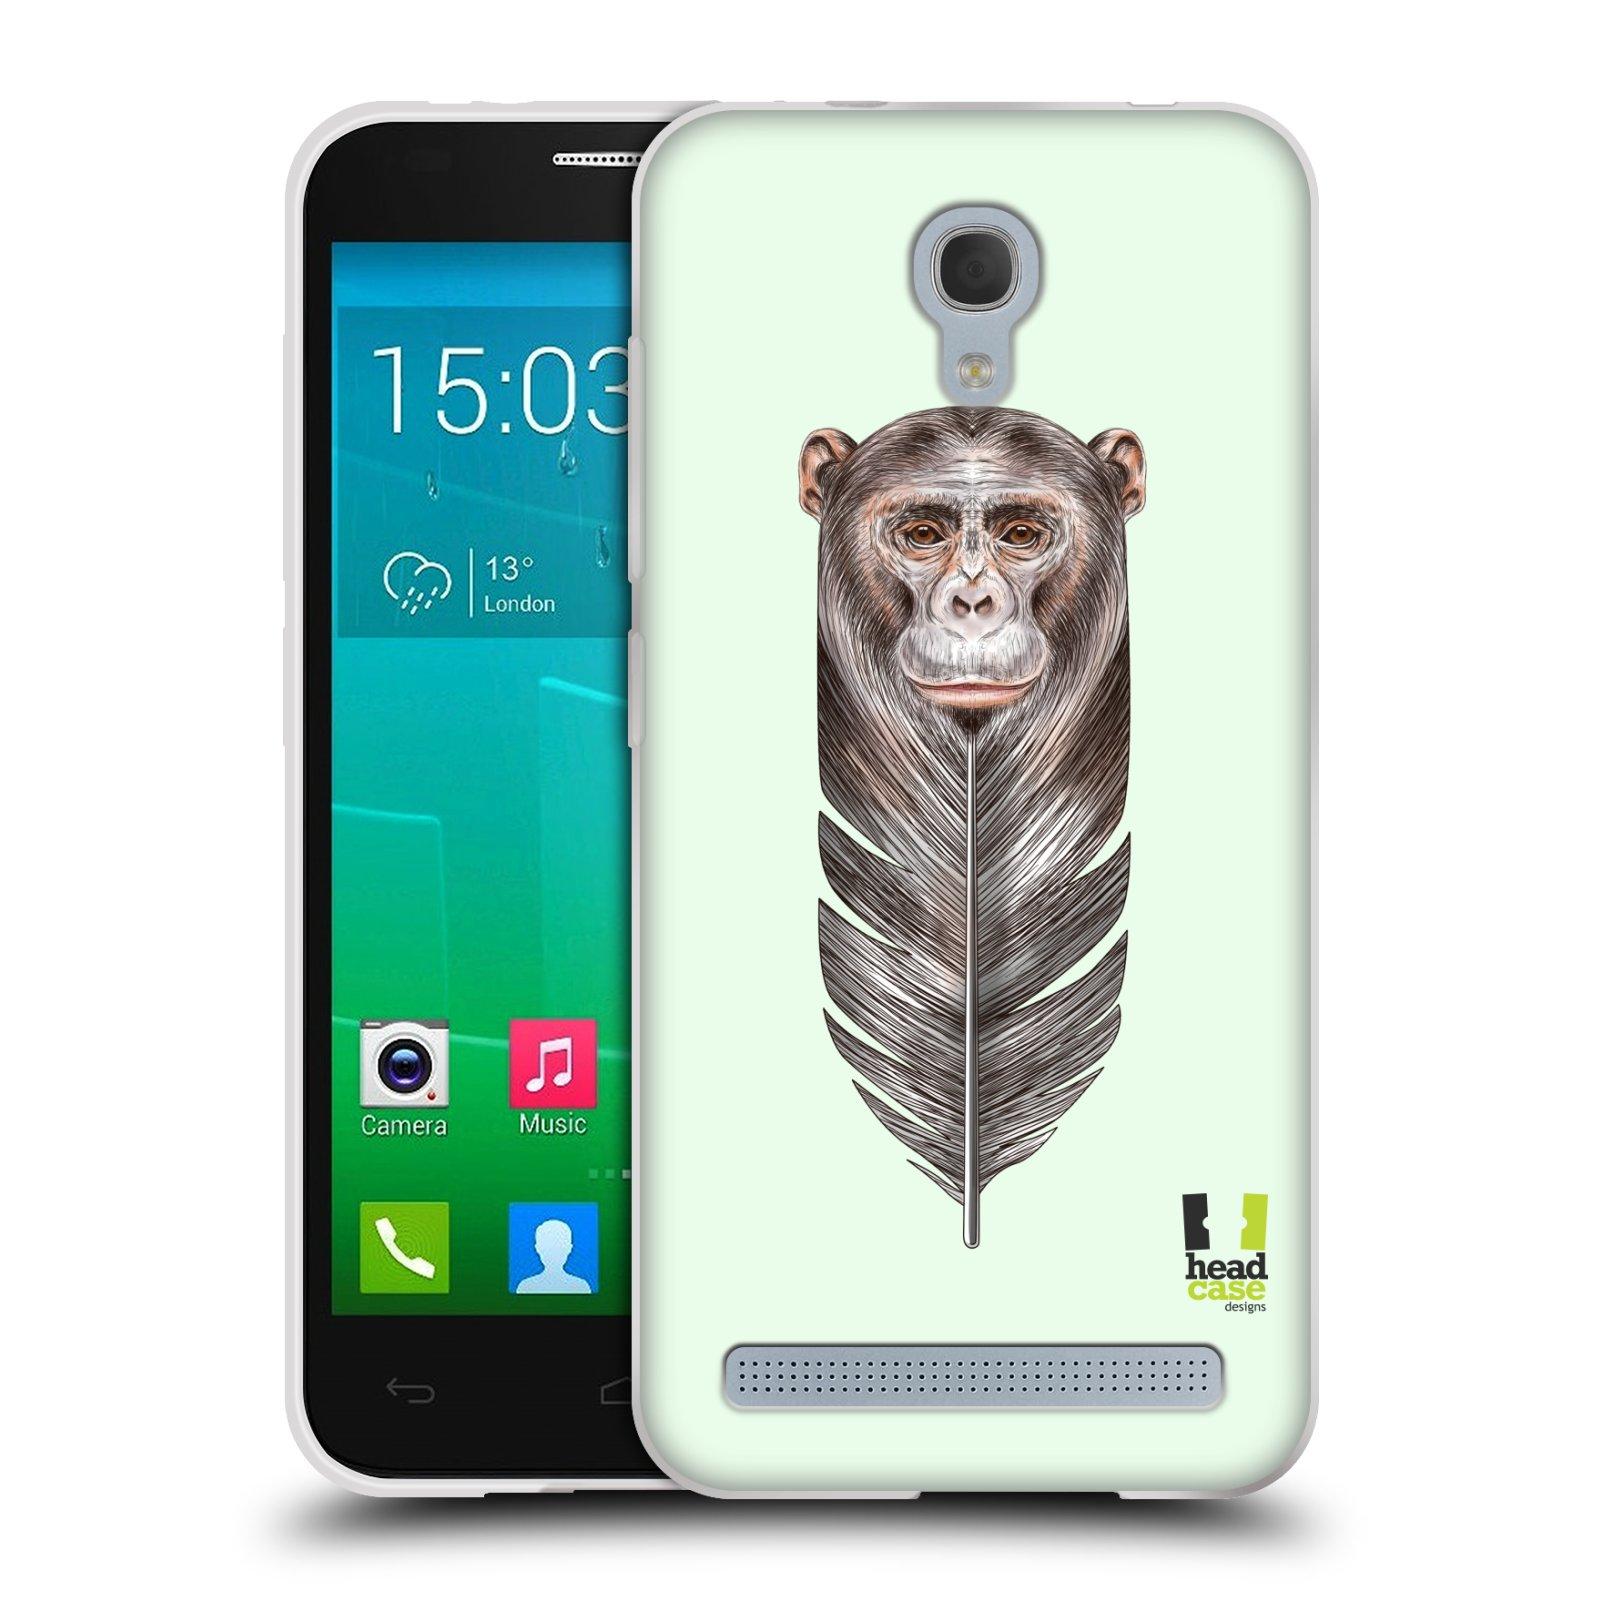 Silikonové pouzdro na mobil Alcatel One Touch Idol 2 Mini S 6036Y HEAD CASE PÍRKO OPIČKA (Silikonový kryt či obal na mobilní telefon Alcatel Idol 2 Mini S OT-6036Y)